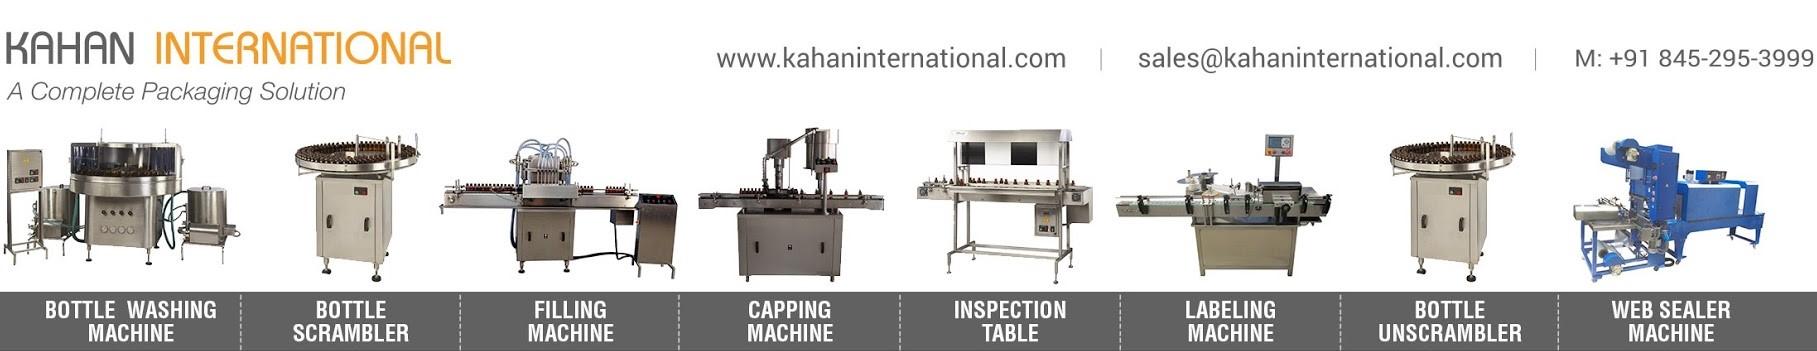 Kahan International